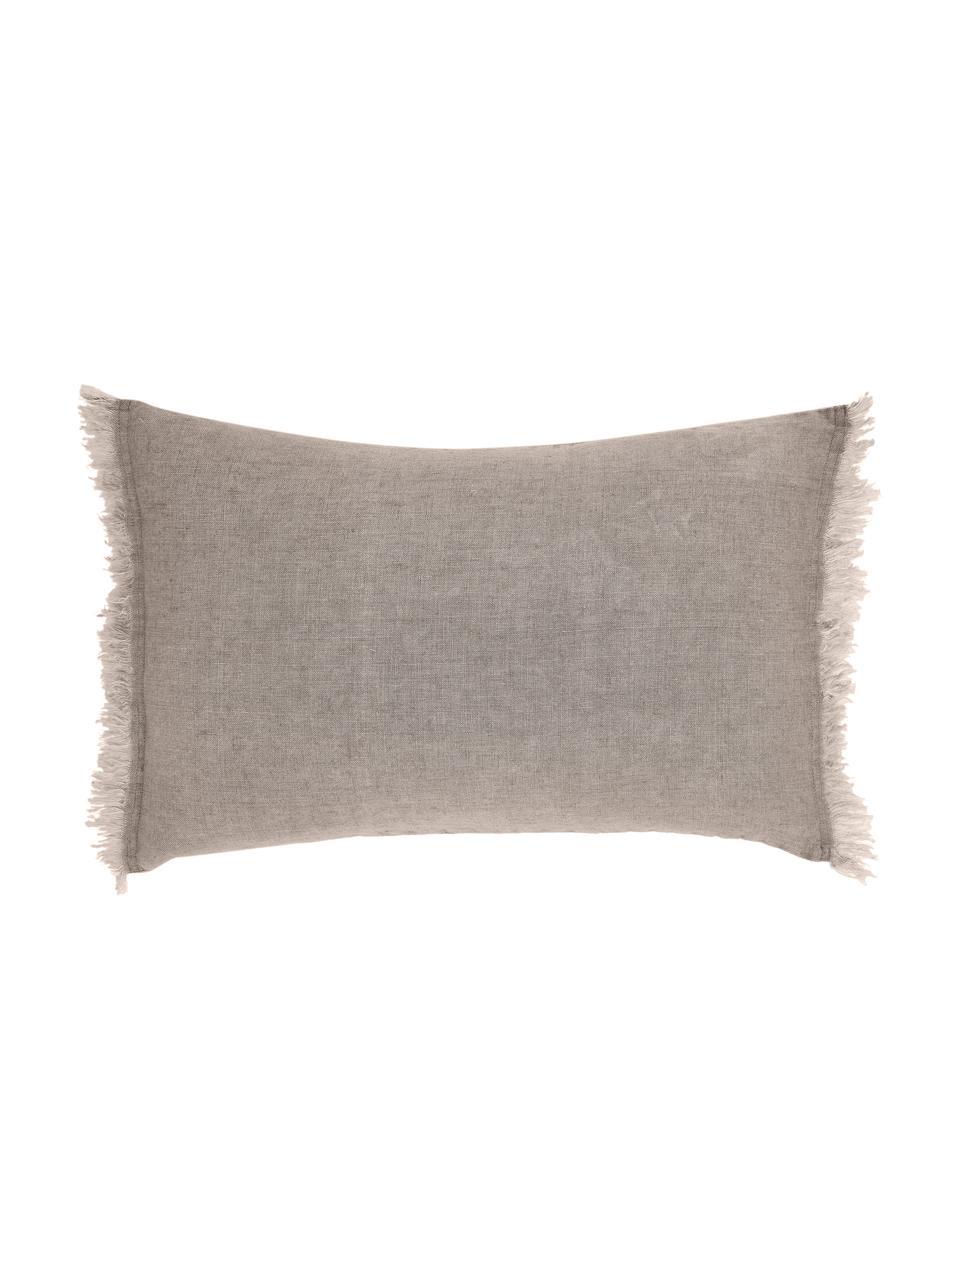 Poduszka z lnu z wypełnieniem Levelin, Beżowy, S 40 x D 60 cm